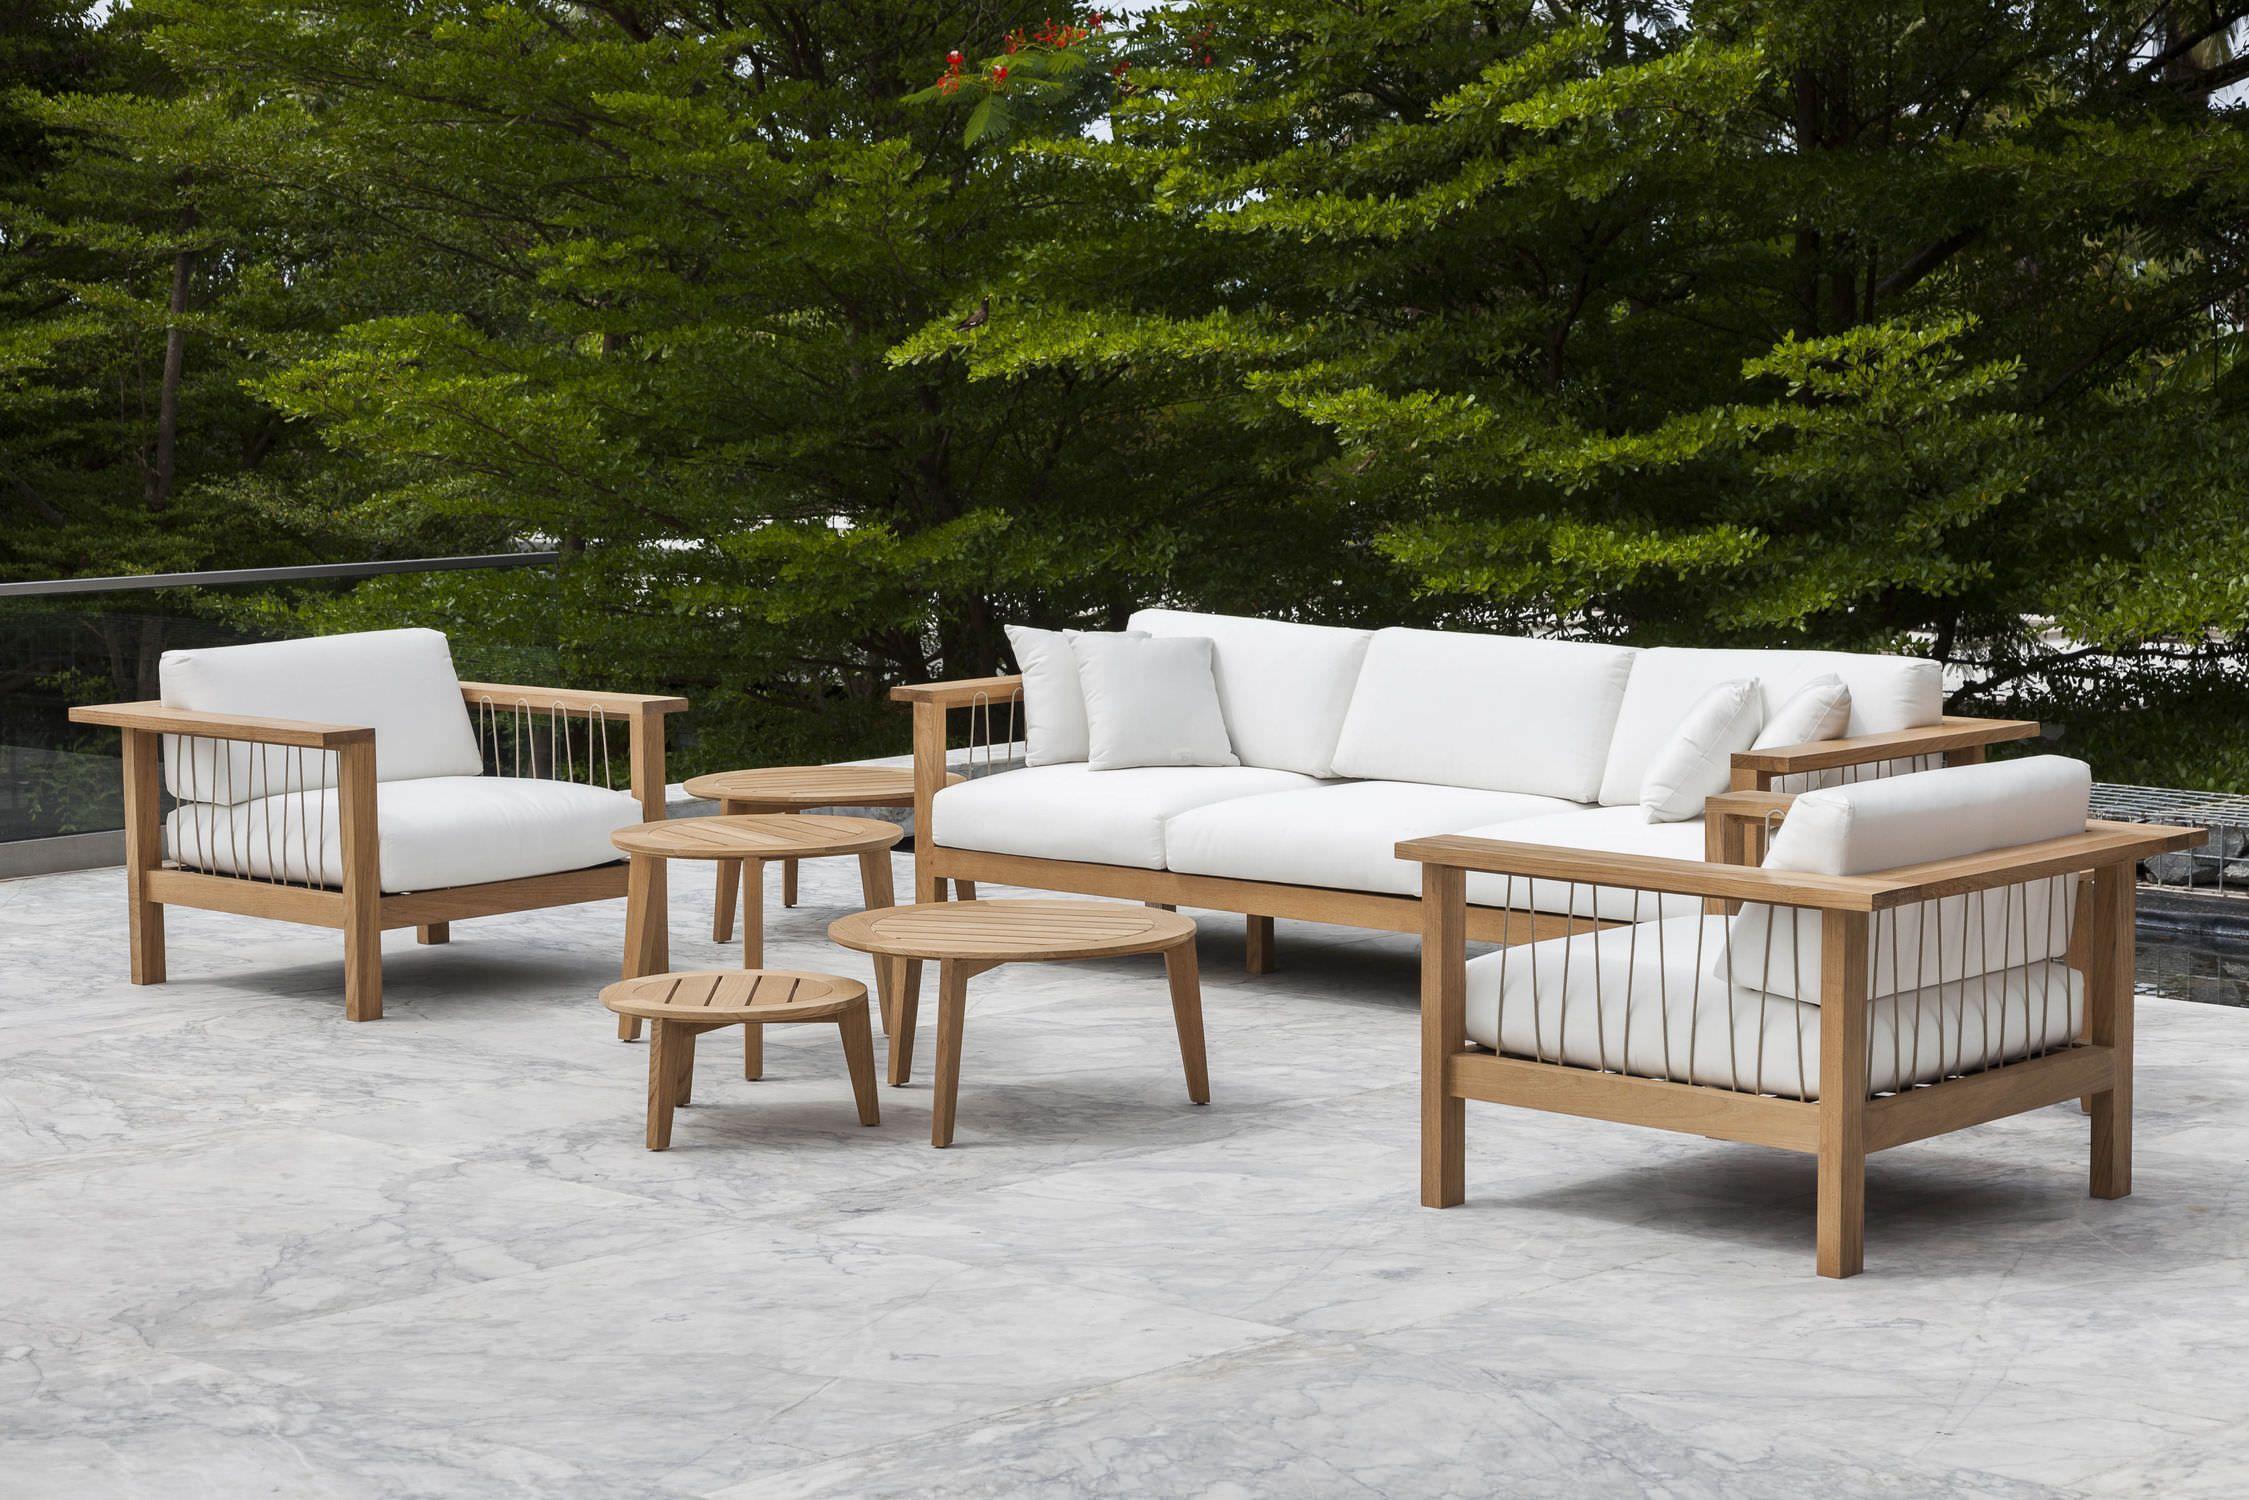 Outdoorküche Möbel Schweiz : Outdoor möbel aus der schweiz outdoor outdoor möbel